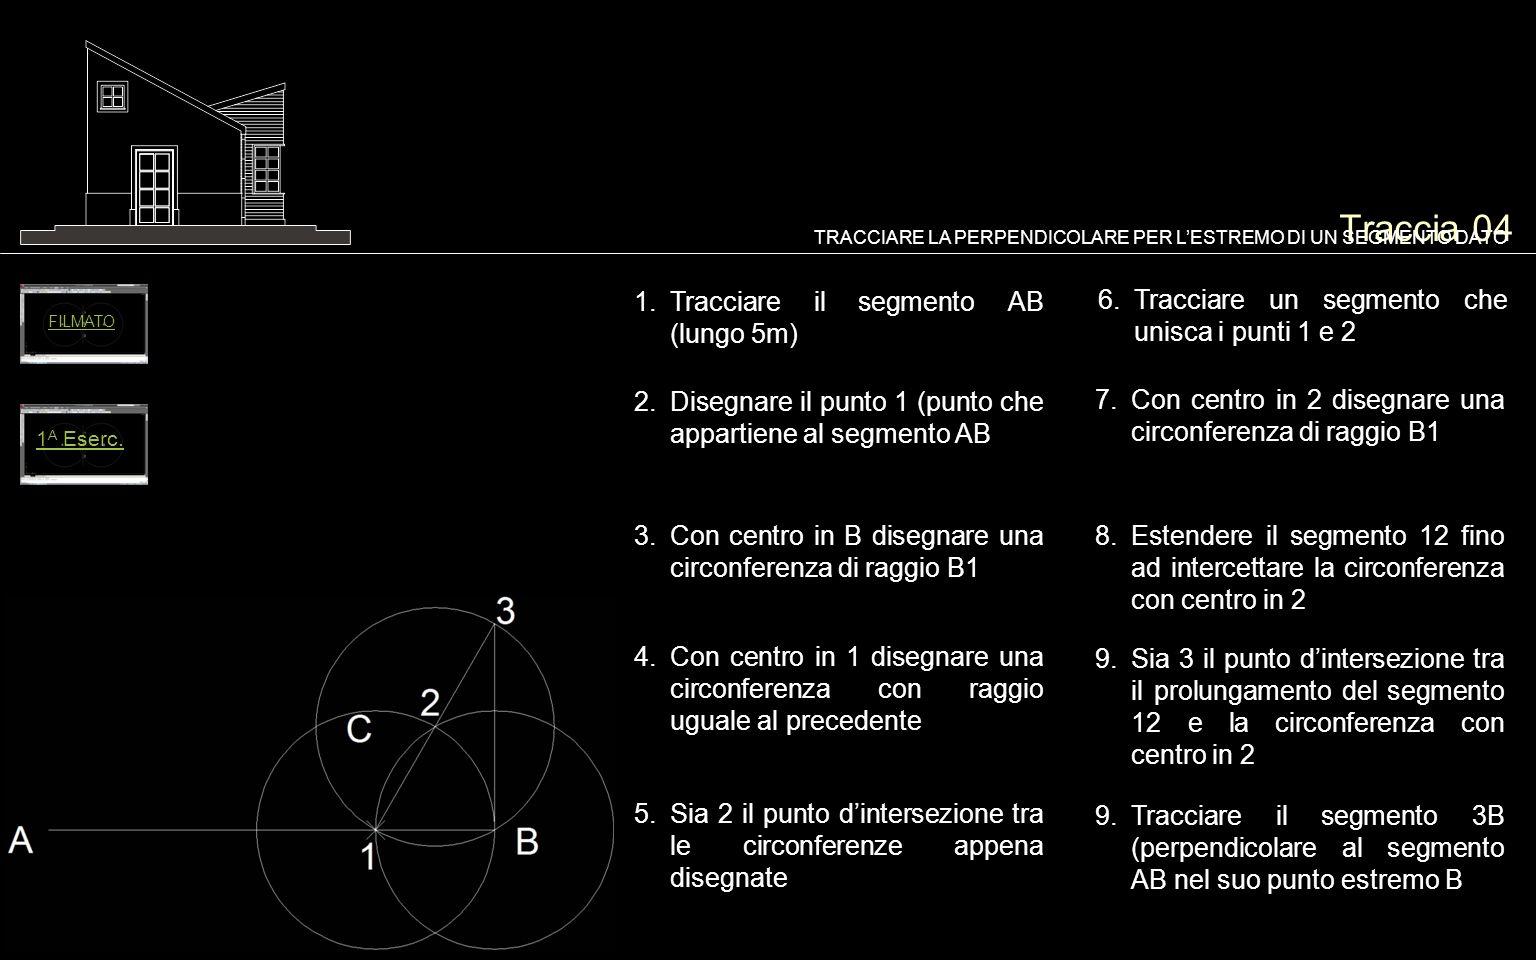 Traccia 04 1.Tracciare il segmento AB (lungo 5m) TRACCIARE LA PERPENDICOLARE PER LESTREMO DI UN SEGMENTO DATO 2.Disegnare il punto 1 (punto che appart